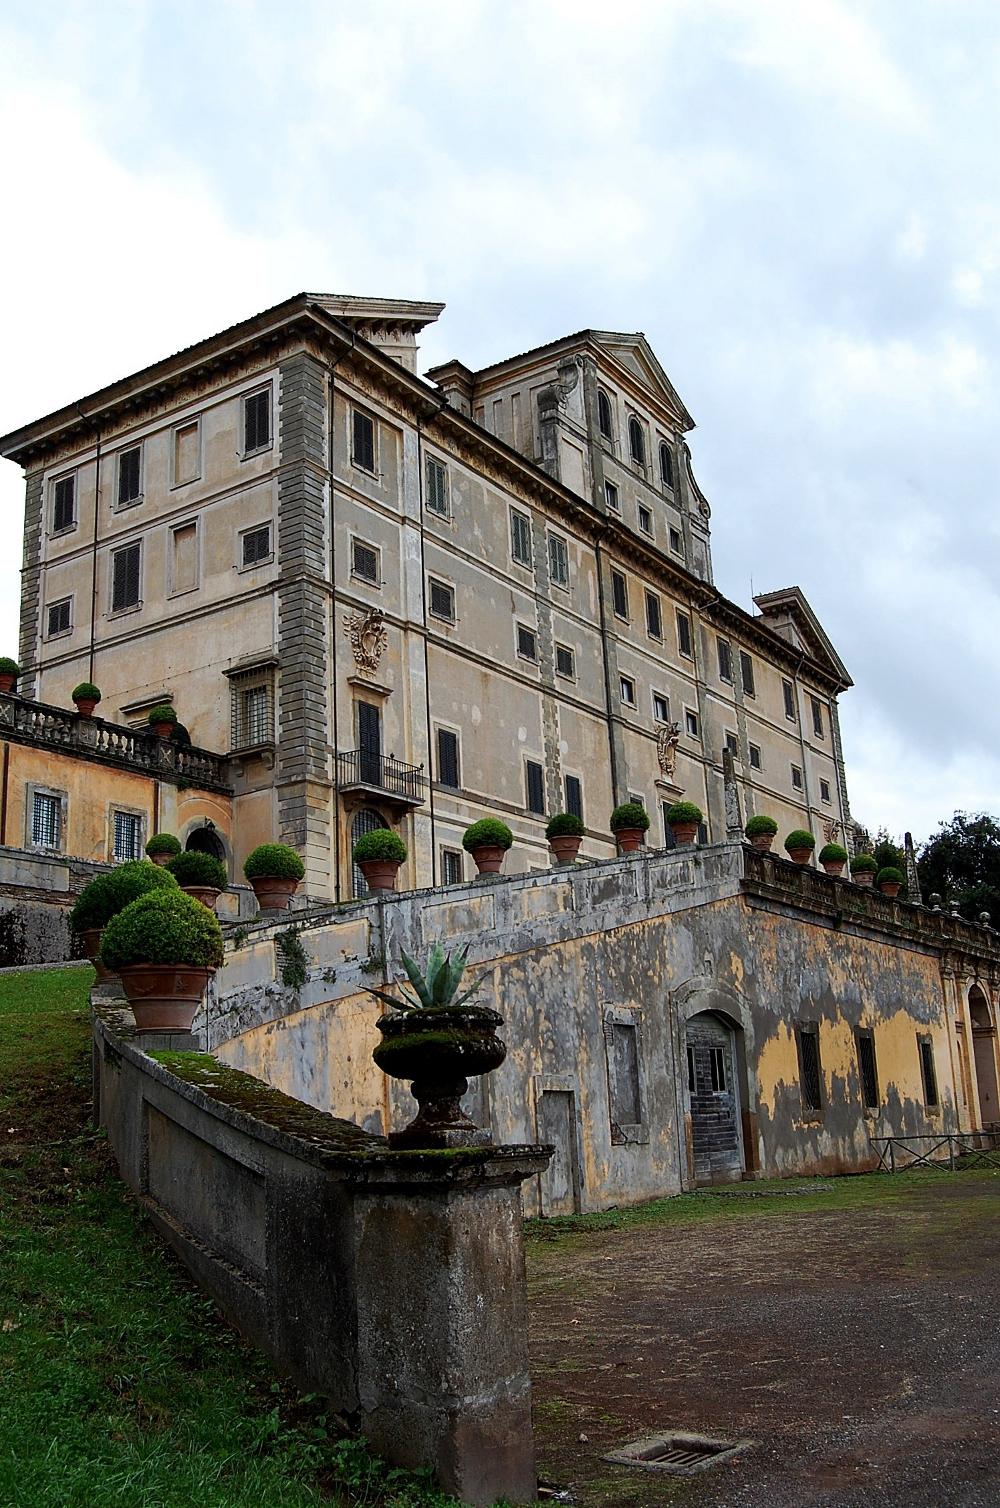 rocaille-blog-villa-aldobrandini-frascati-giardino (5)